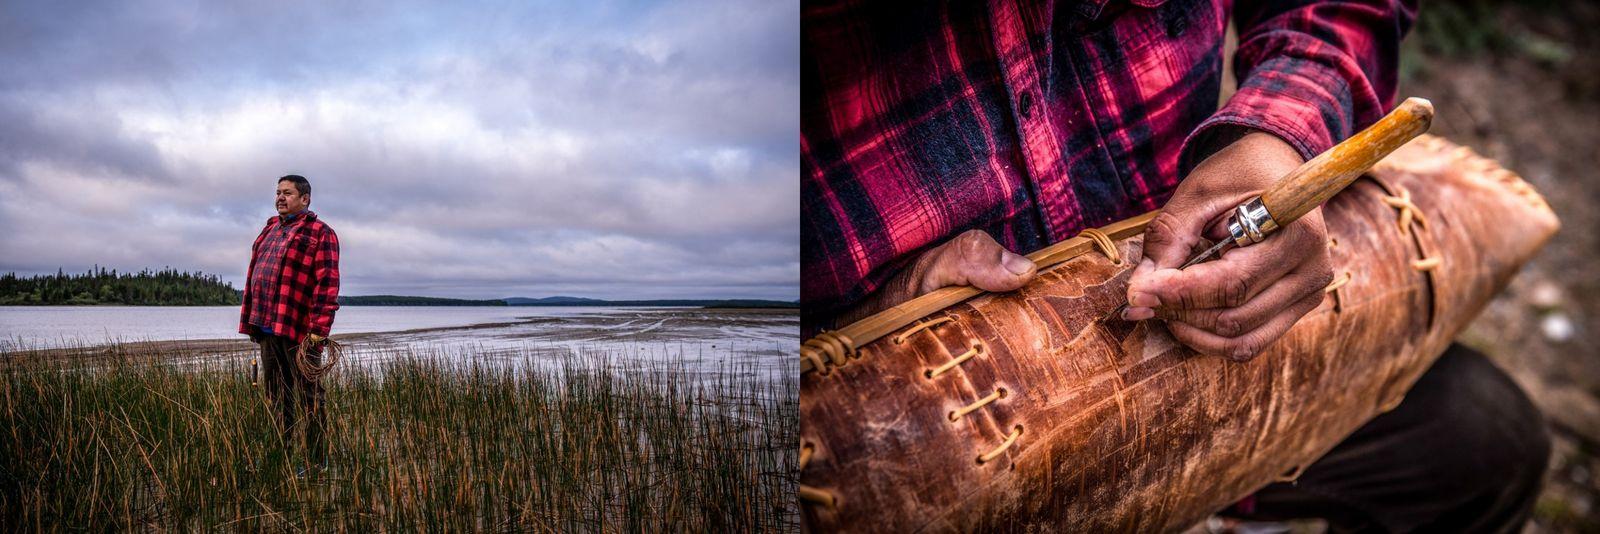 Links: Harold Bosum steht am See in Oujé-Bougoumou, Québec. Rechts: Künstler Harold Bosum zeigt seine unglaubliche Kunstfertigkeit ...